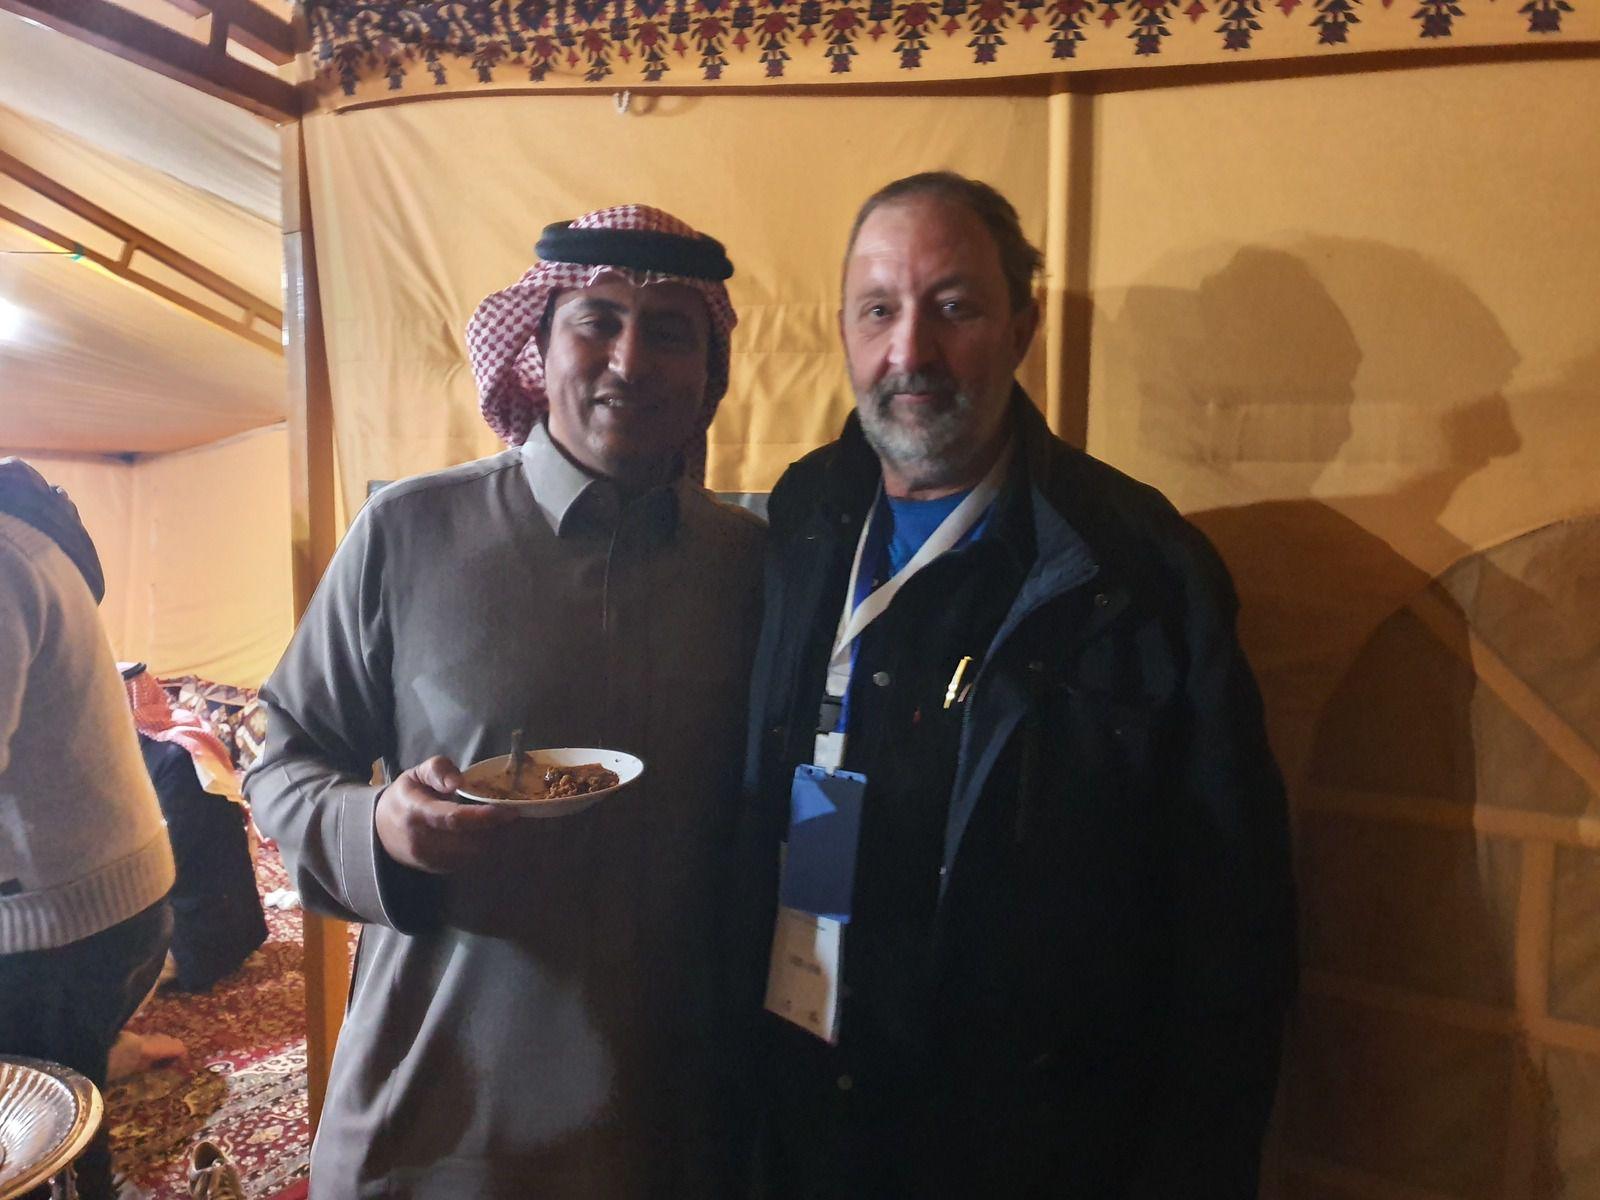 Arabie saoudite : les surprises du désert